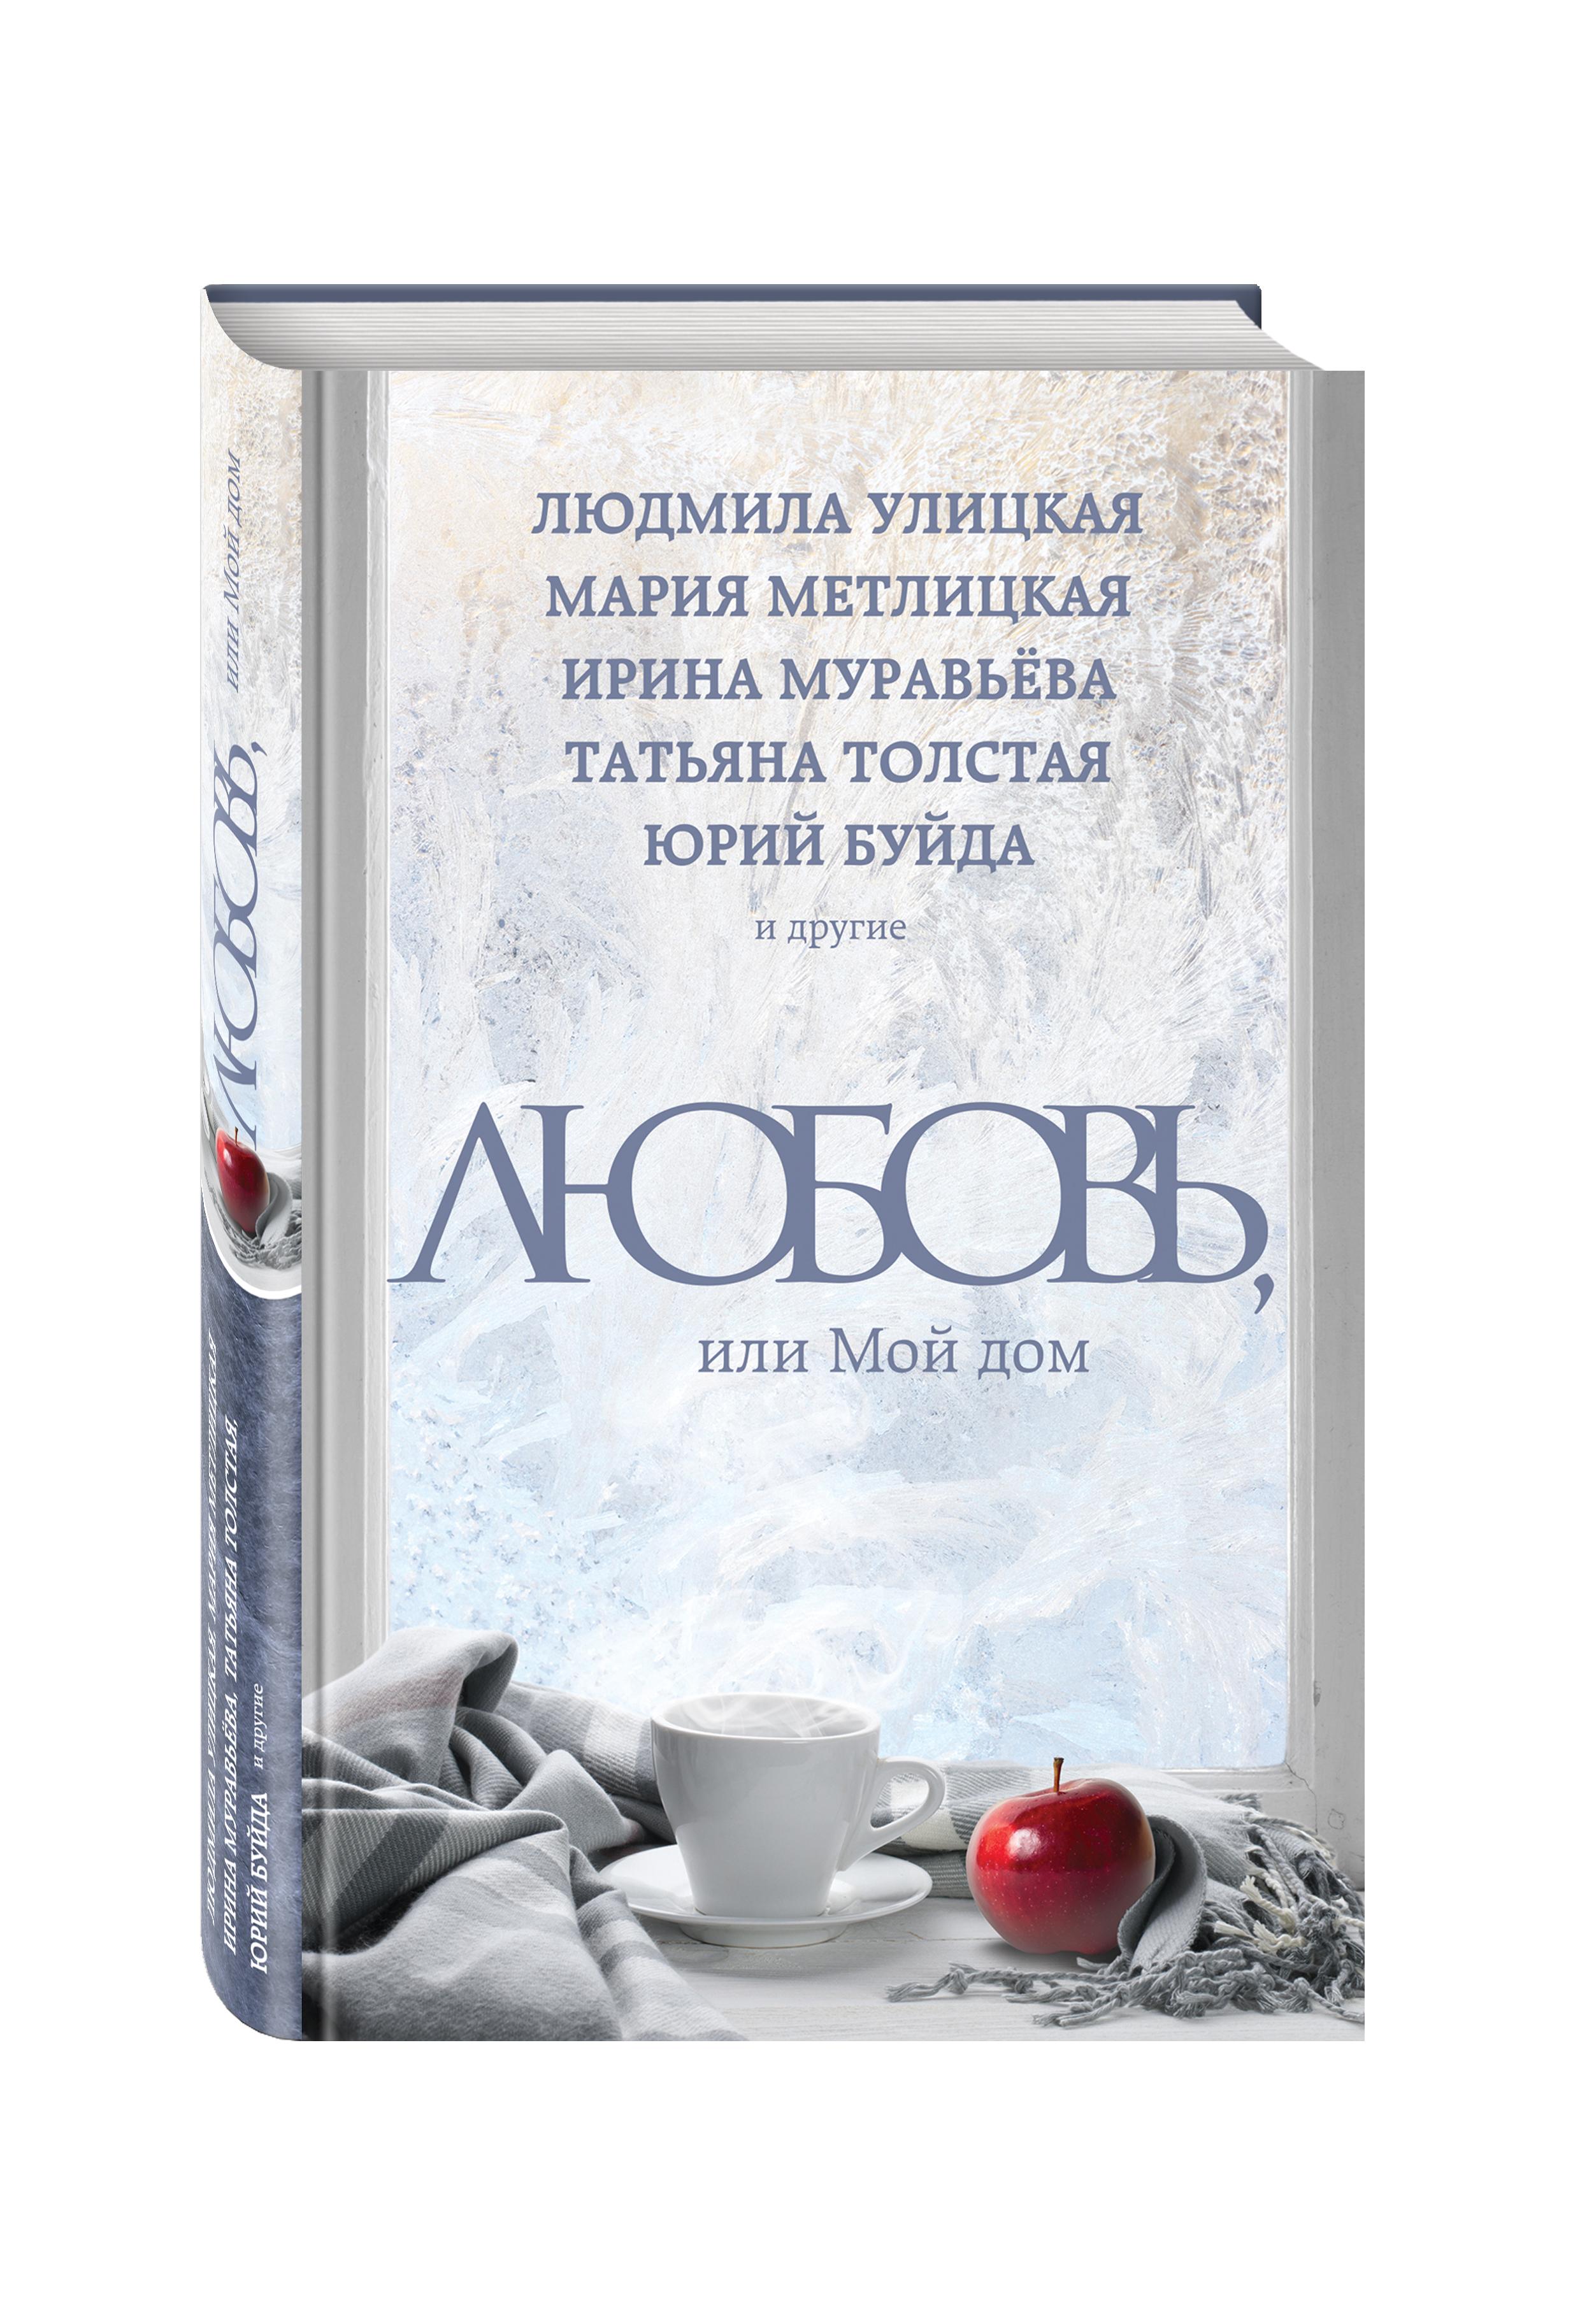 Улицкая Л., Буйда Ю., Муравьева И. и др. Любовь, или Мой дом